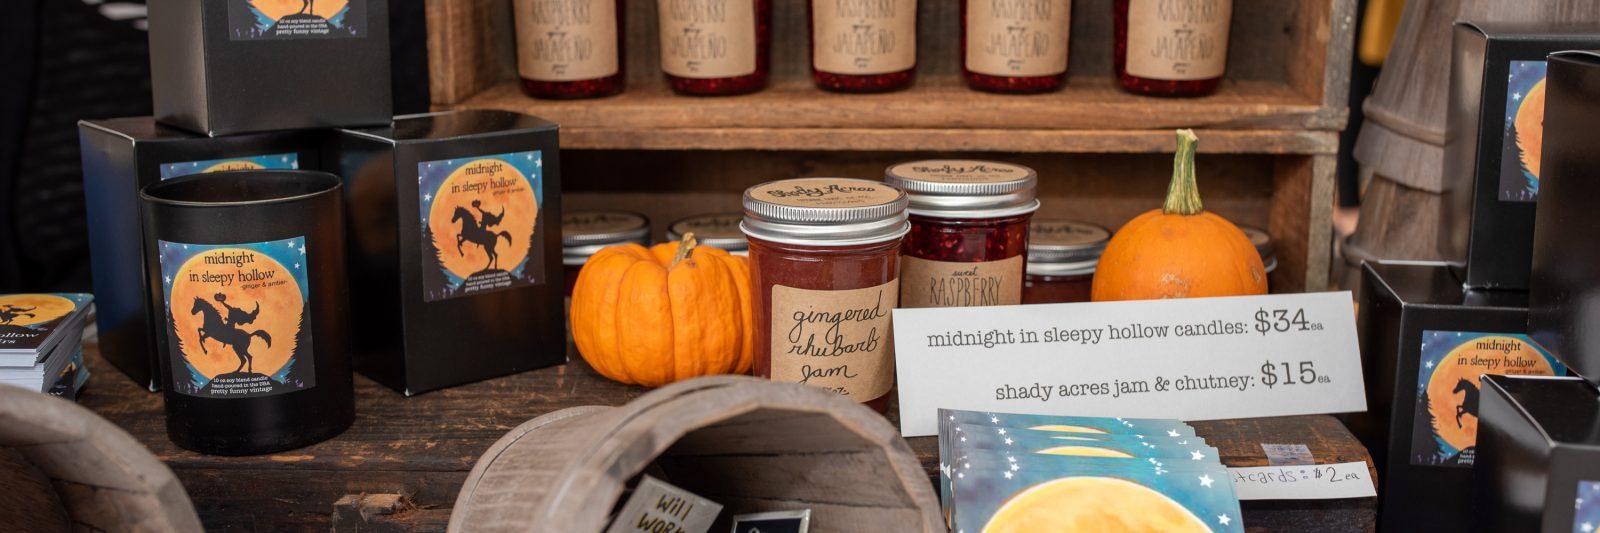 Jams, chutneys, and candles displayed at Sleepy Hollow street fair.